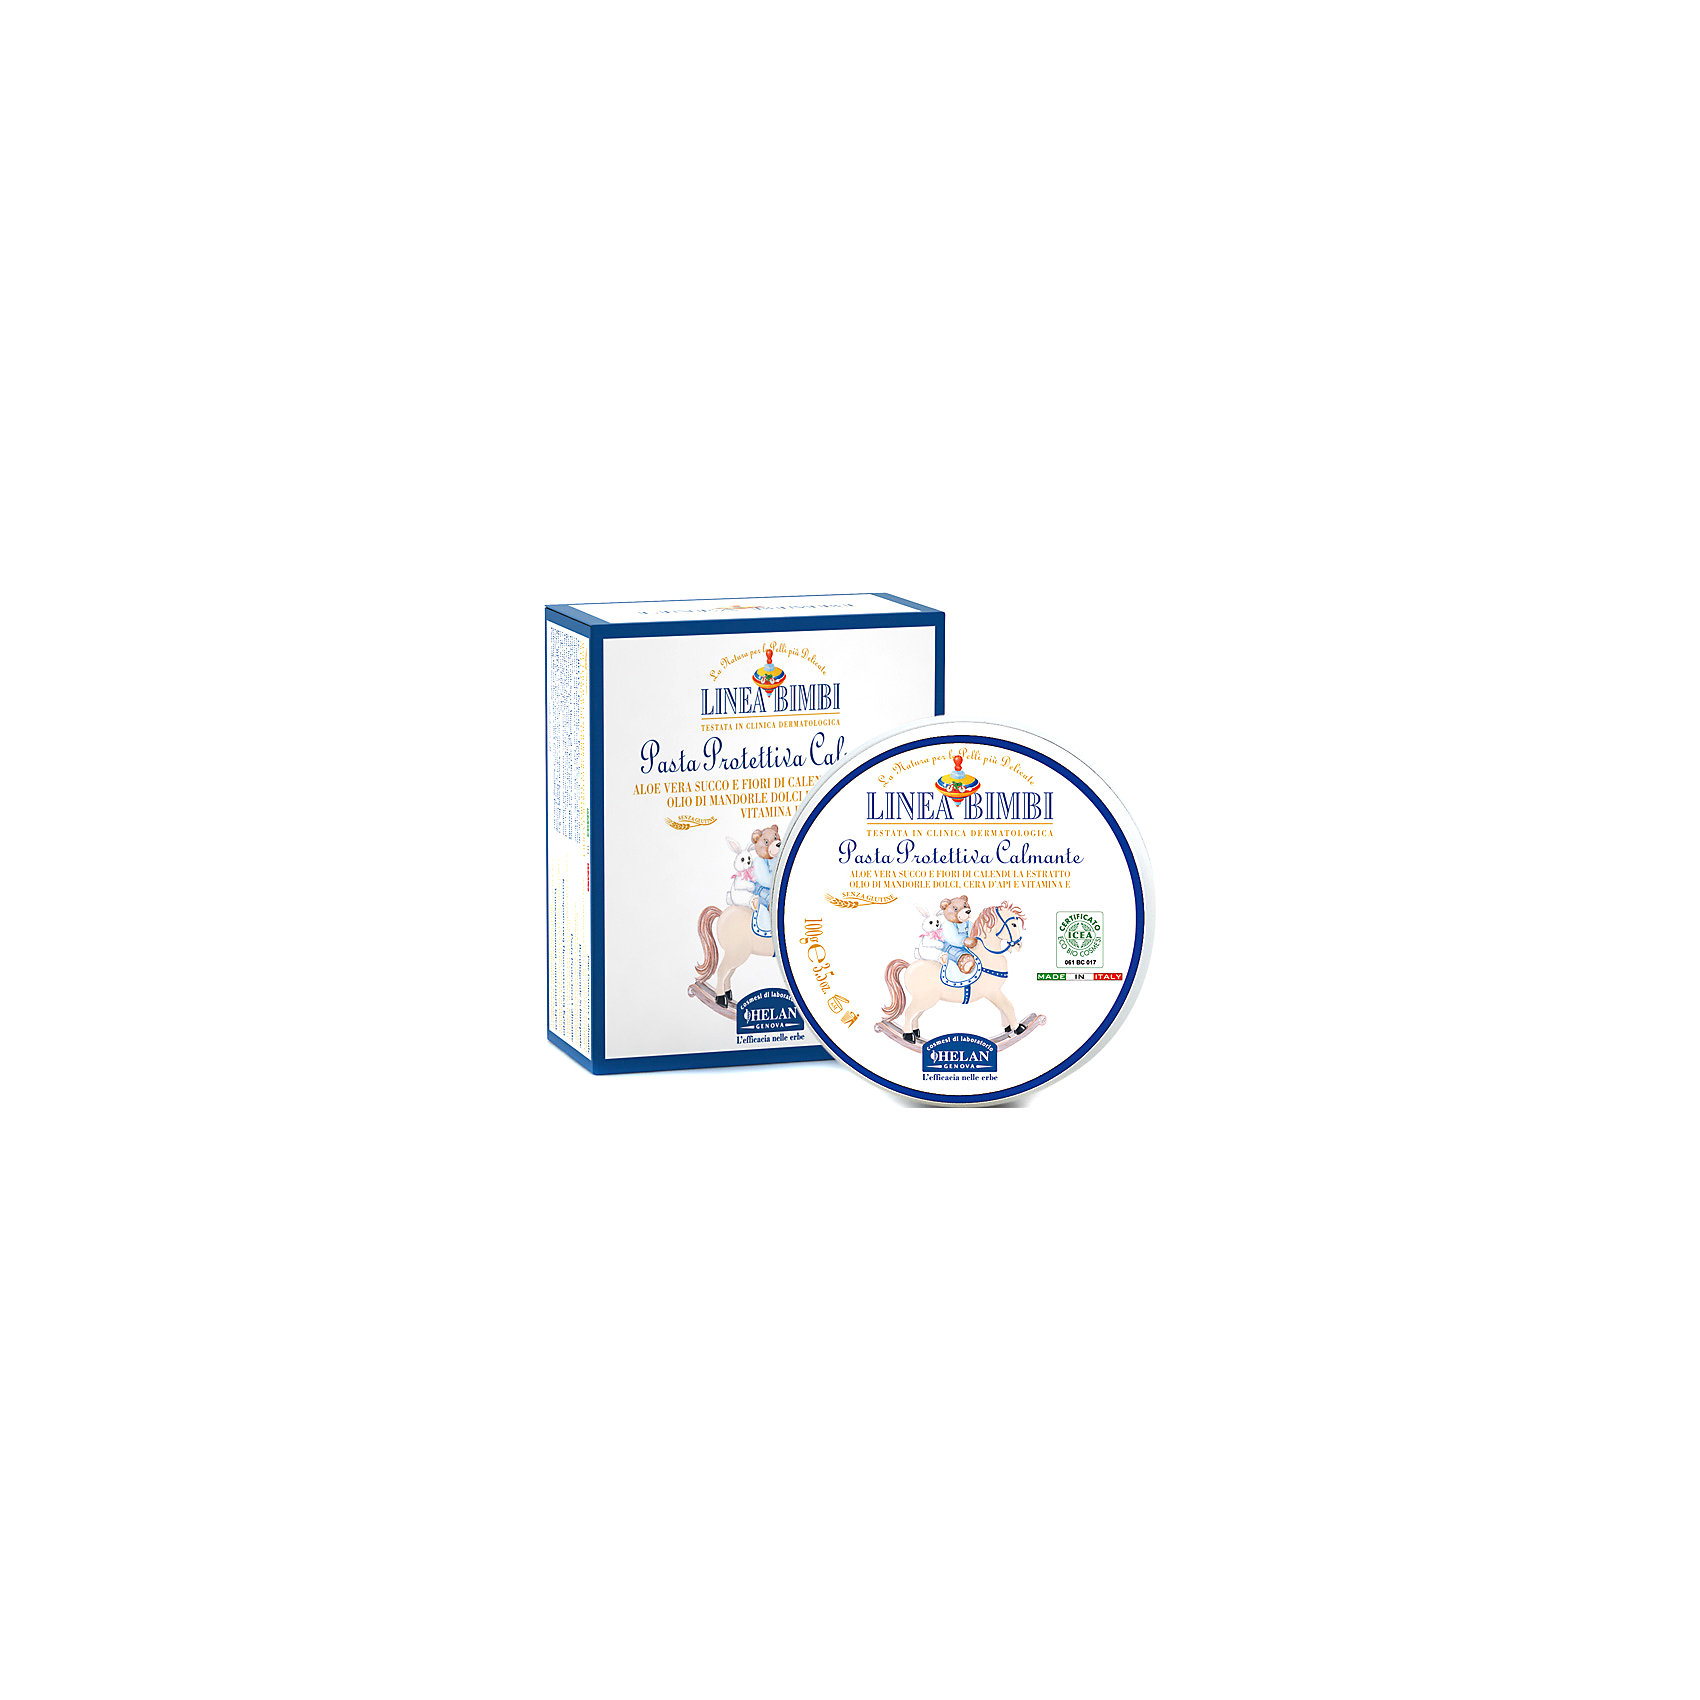 Крем увлажняющий и защищающий для зоны пеленания Linea Bimbi, 100 мл., HELANКосметика для младнецев<br>Крем увлажняющий и защищающий для зоны пеленания Linea Bimbi, 100 мл., HELAN (Хелан)<br><br>Характеристики:<br><br>• защищает от раздражения при использовании подгузников<br>• смягчает и питает кожу<br>• поддерживает естественный баланс кожи<br>• защищает от негативных внешних воздействий<br>• подходит для чувствительной кожи<br>• активные компоненты: экстракт календулы, сок алоэ-вера, масло сладкого миндаля, пчелиный воск, витамин Е<br>• объем: 100 мл<br>• размер упаковки: 10х10х5 см<br>• вес: 204 грамма<br><br>При использовании подгузников у малышей нередко возникает раздражение на коже. Защитный крем Linea Bimbi поможет вам защитить кожу малыша. Он бережно смягчает и питает кожу ребёнка, защищая её от внешнего воздействия. Активные компоненты на растительной основе обеспечивают нормальный уровень увлажнения. Крем подходит для детей с рождения, а также для сверхчувствительной кожи.<br><br>Крем увлажняющий и защищающий для зоны пеленания Linea Bimbi, 100 мл., HELAN (Хелан) можно купить в нашем интернет-магазине.<br><br>Ширина мм: 50<br>Глубина мм: 100<br>Высота мм: 100<br>Вес г: 204<br>Возраст от месяцев: -2147483648<br>Возраст до месяцев: 2147483647<br>Пол: Унисекс<br>Возраст: Детский<br>SKU: 5401702